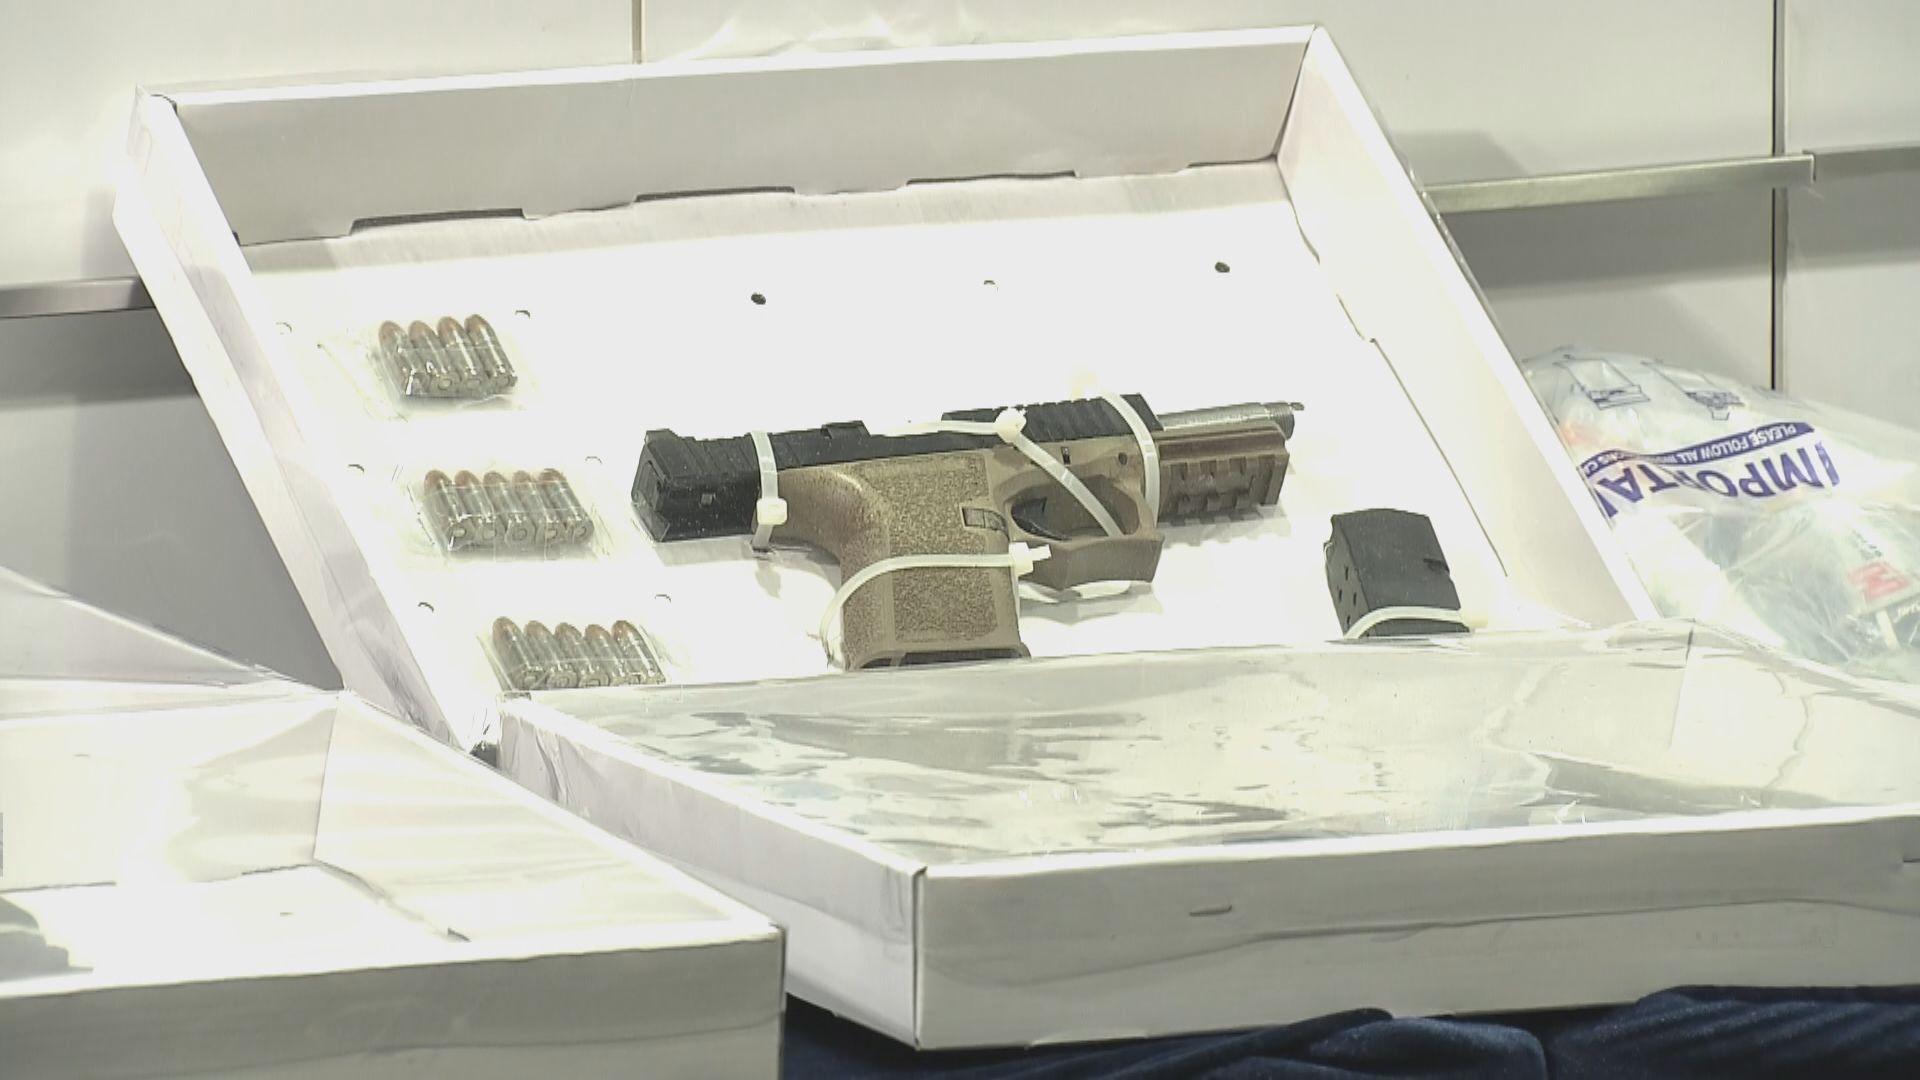 警截獲10個美國寄港郵包 內有幾百發子彈和引爆電線